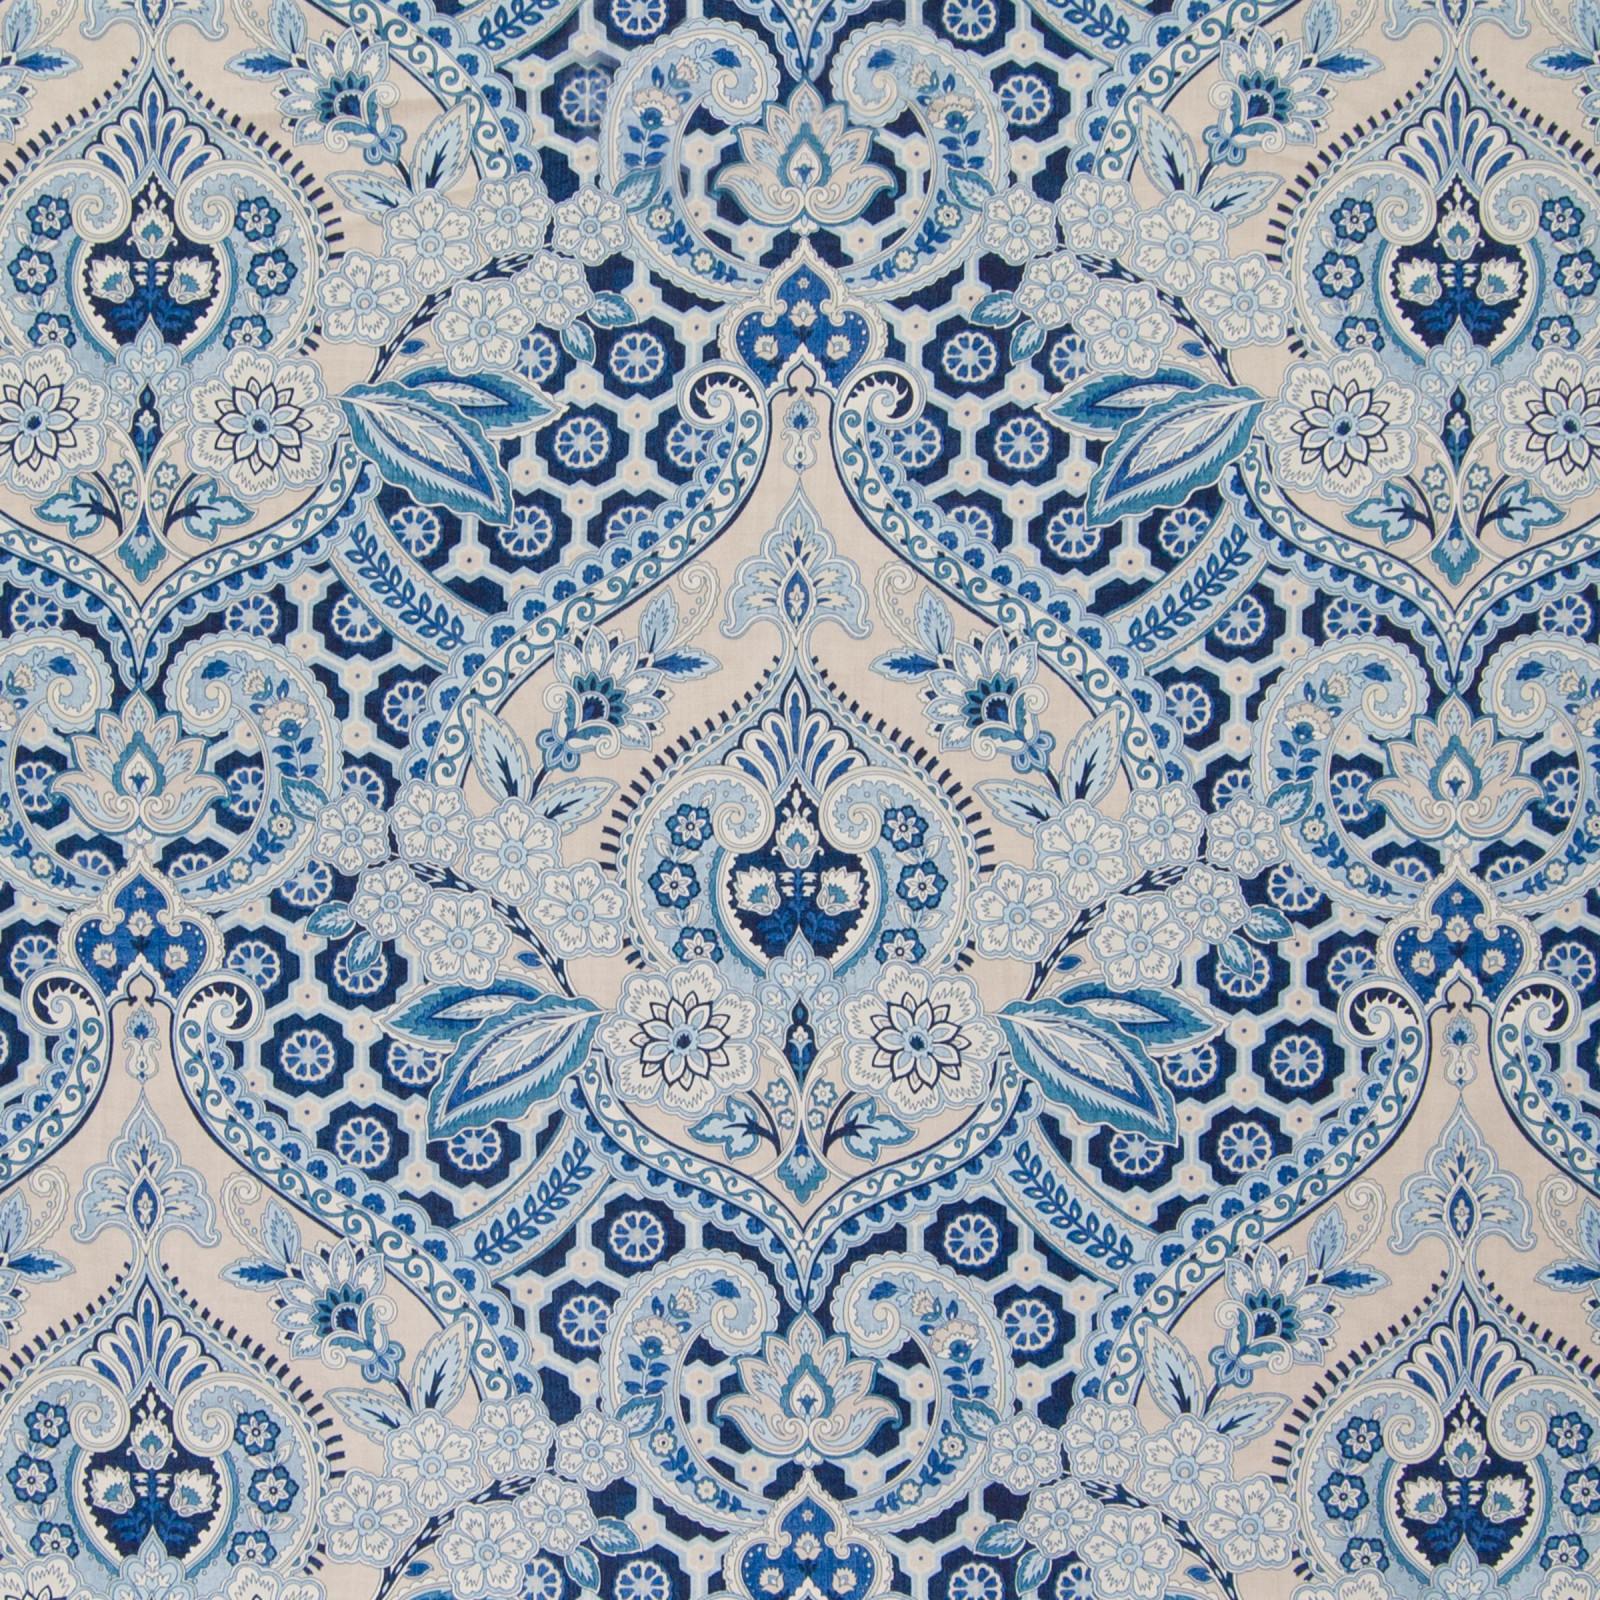 B6351 Ocean Greenhouse Fabrics